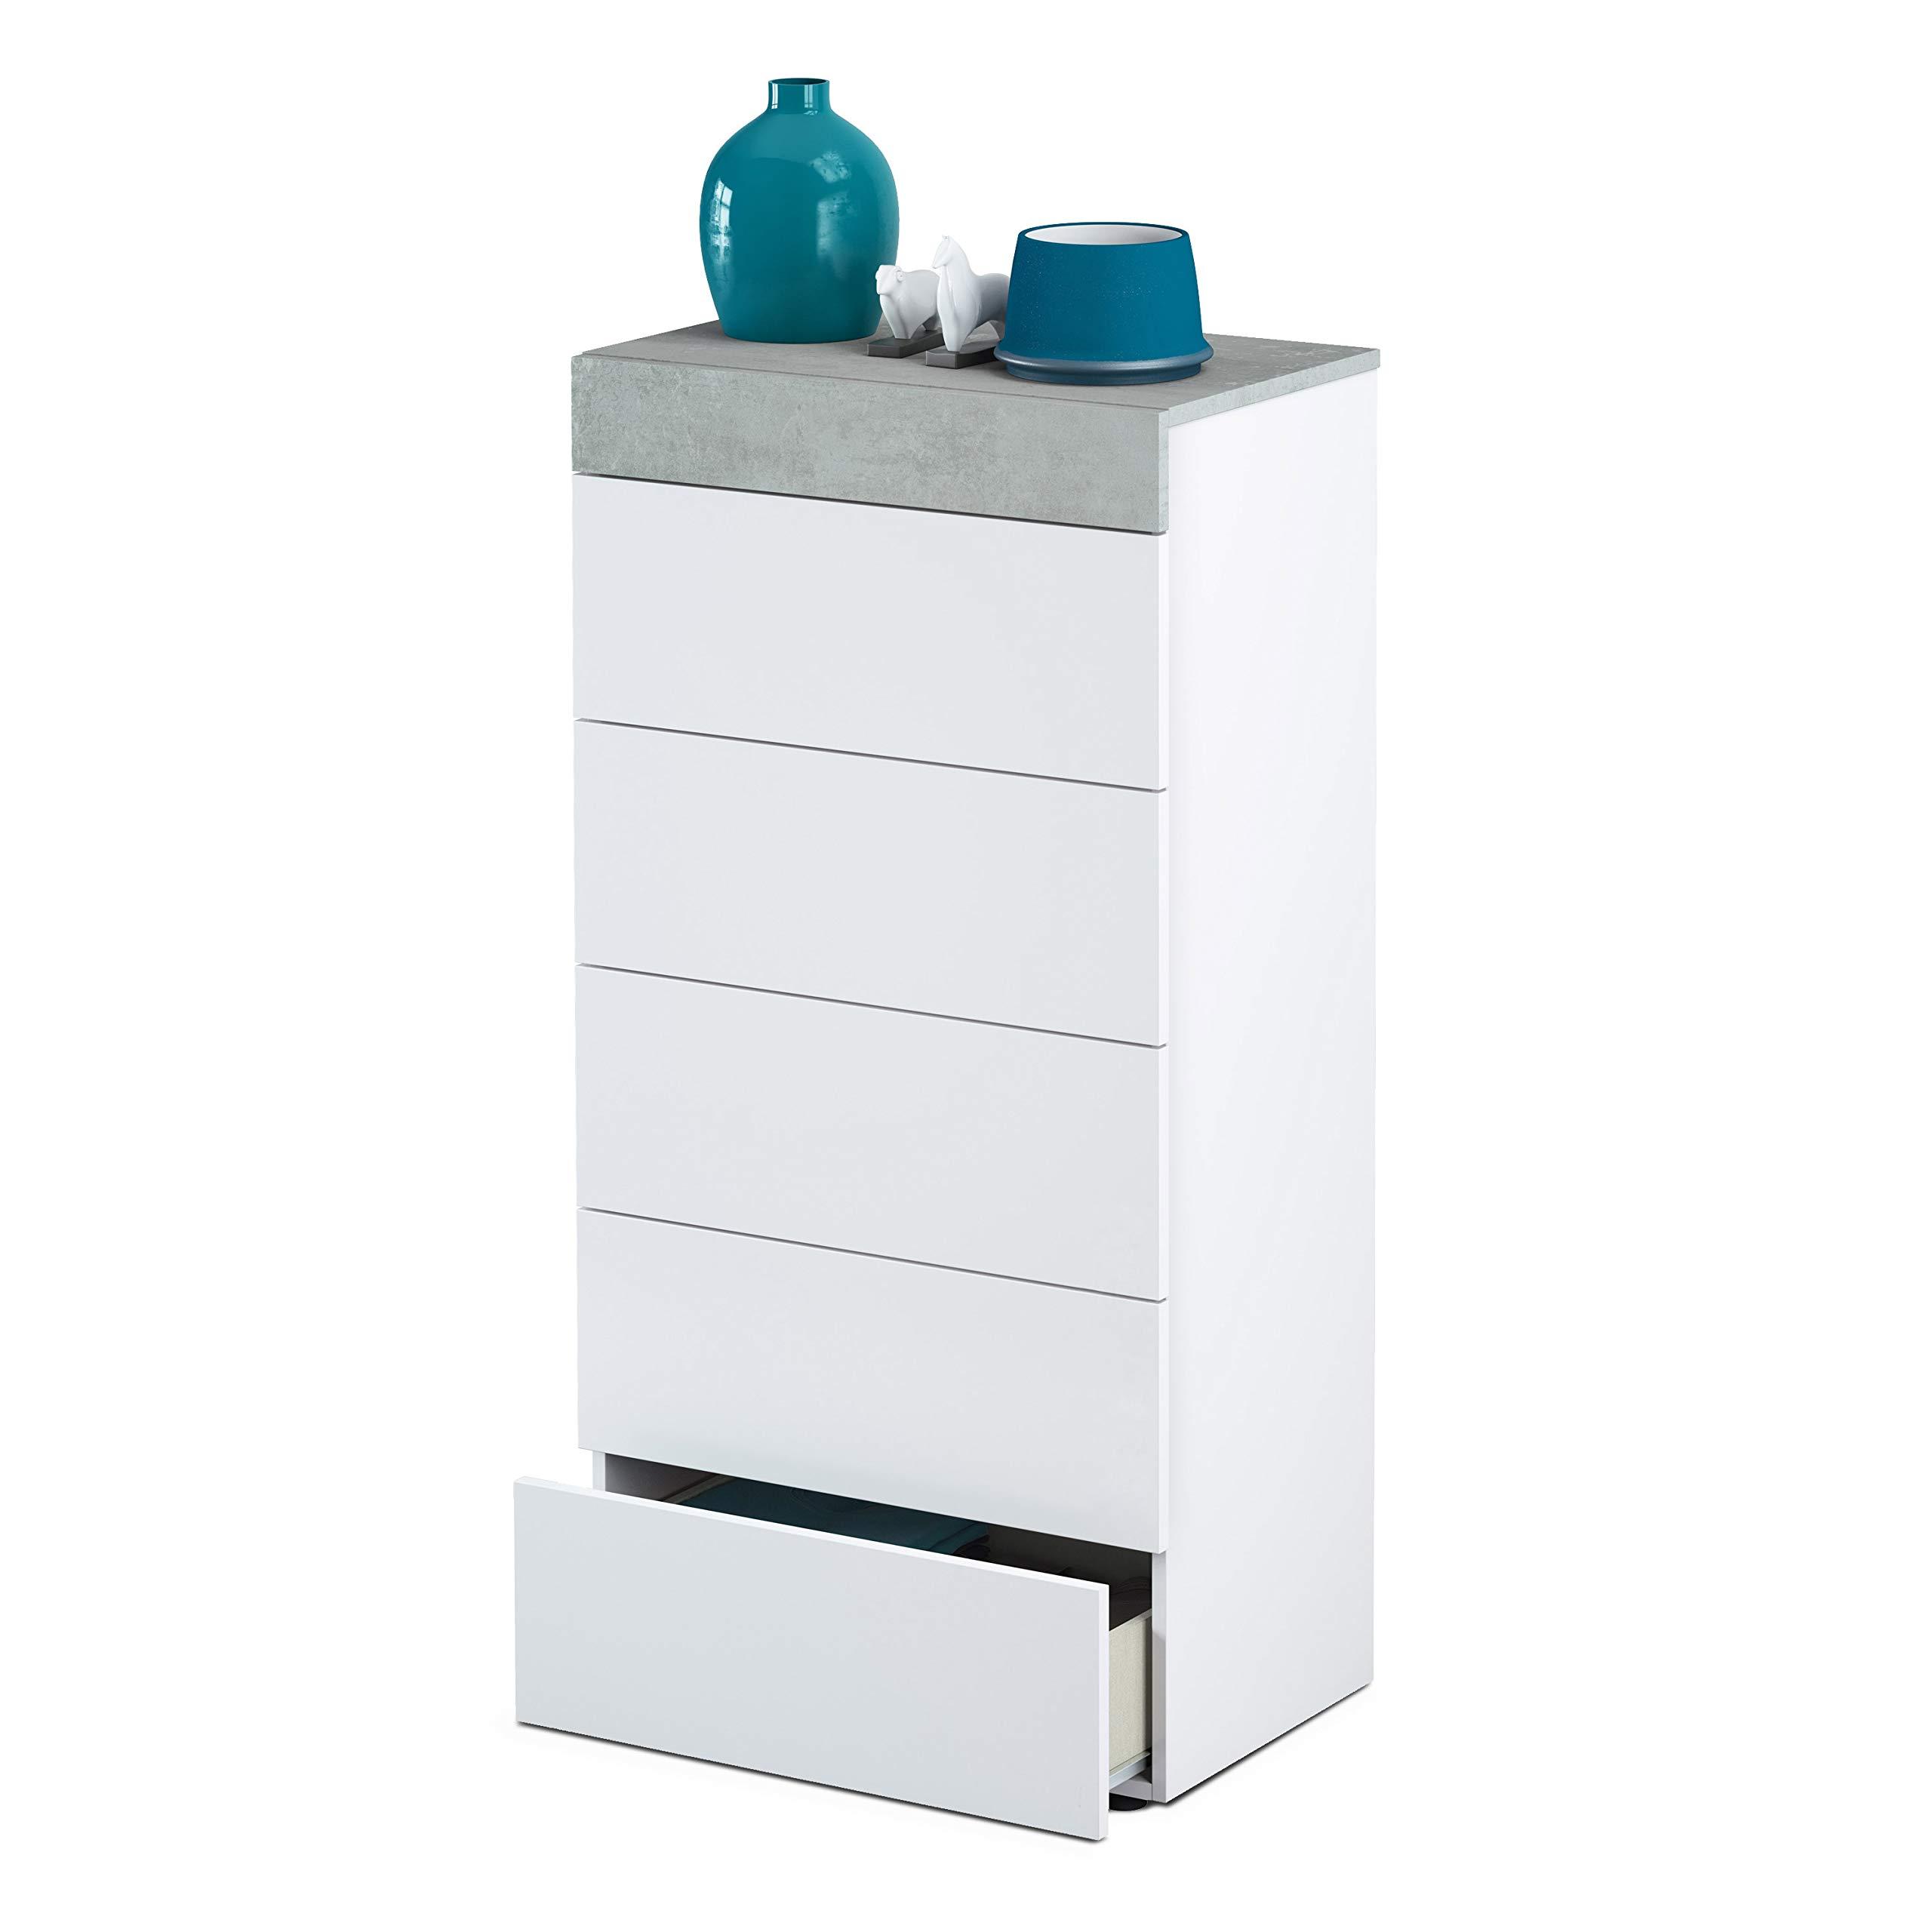 Habitdesign 0L7836A- Cómoda chinfonier 5 cajones, Acabado en Blanco Artik y Gris Cemento,